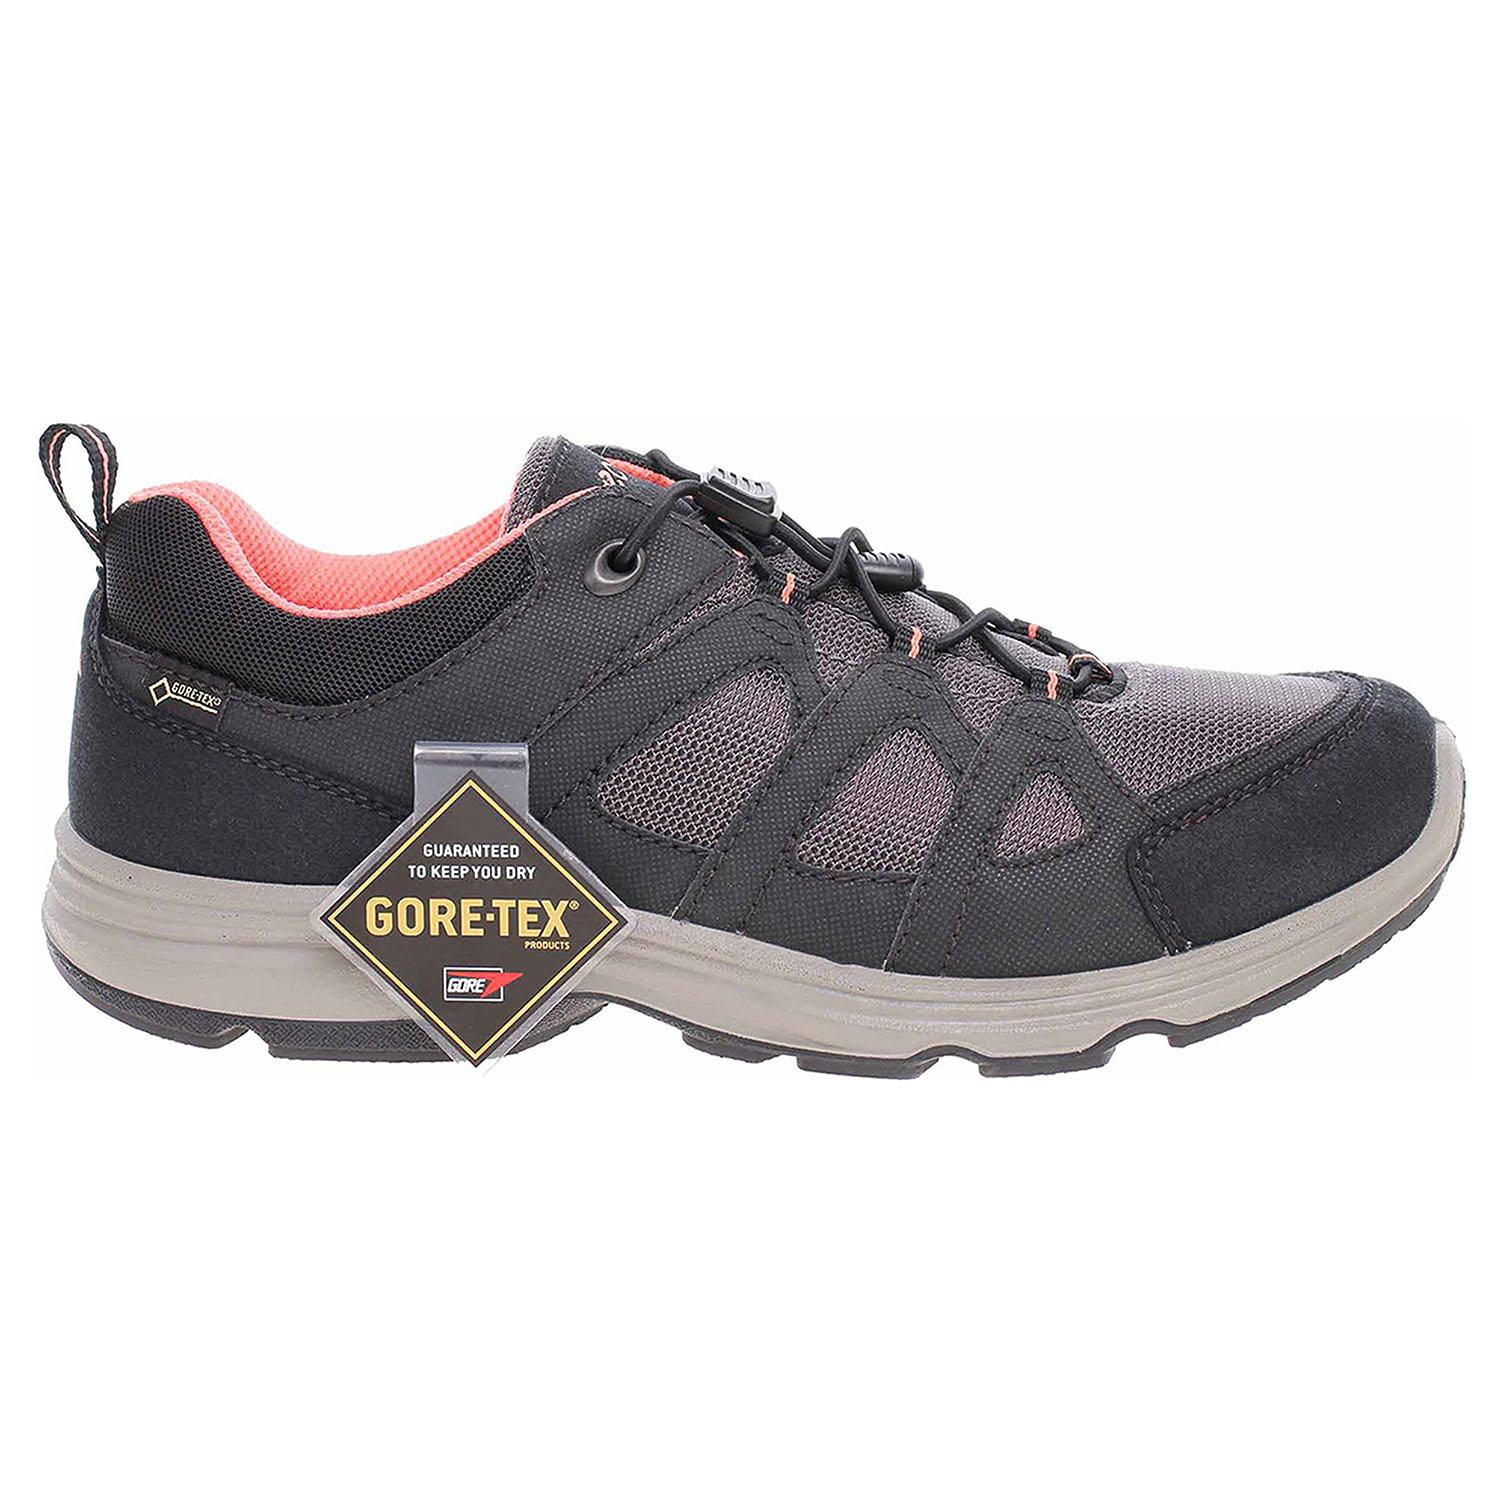 Ecco Ecco Light IV dámská obuv 83602351527 černá 23900172 ff6cd9e2f18